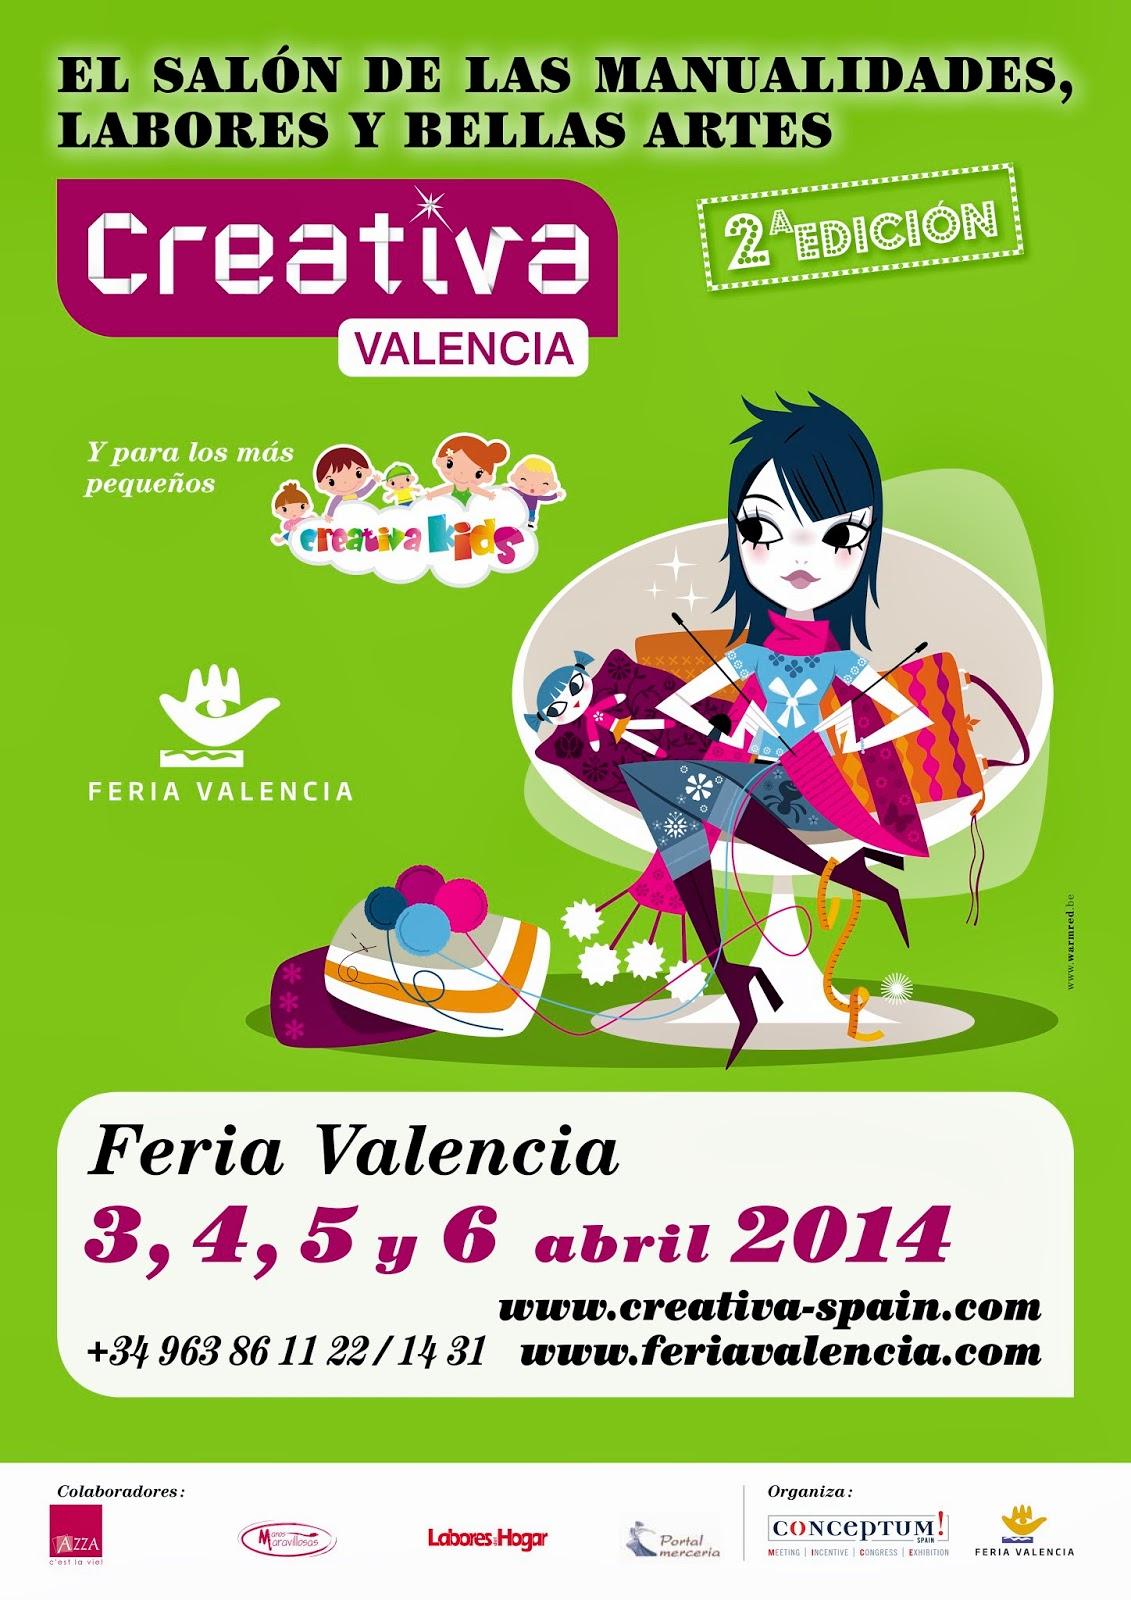 Blog Decoman Bellas Artes Y Manualidades Marzo 2014 ~ Cursos De Manualidades En Valencia